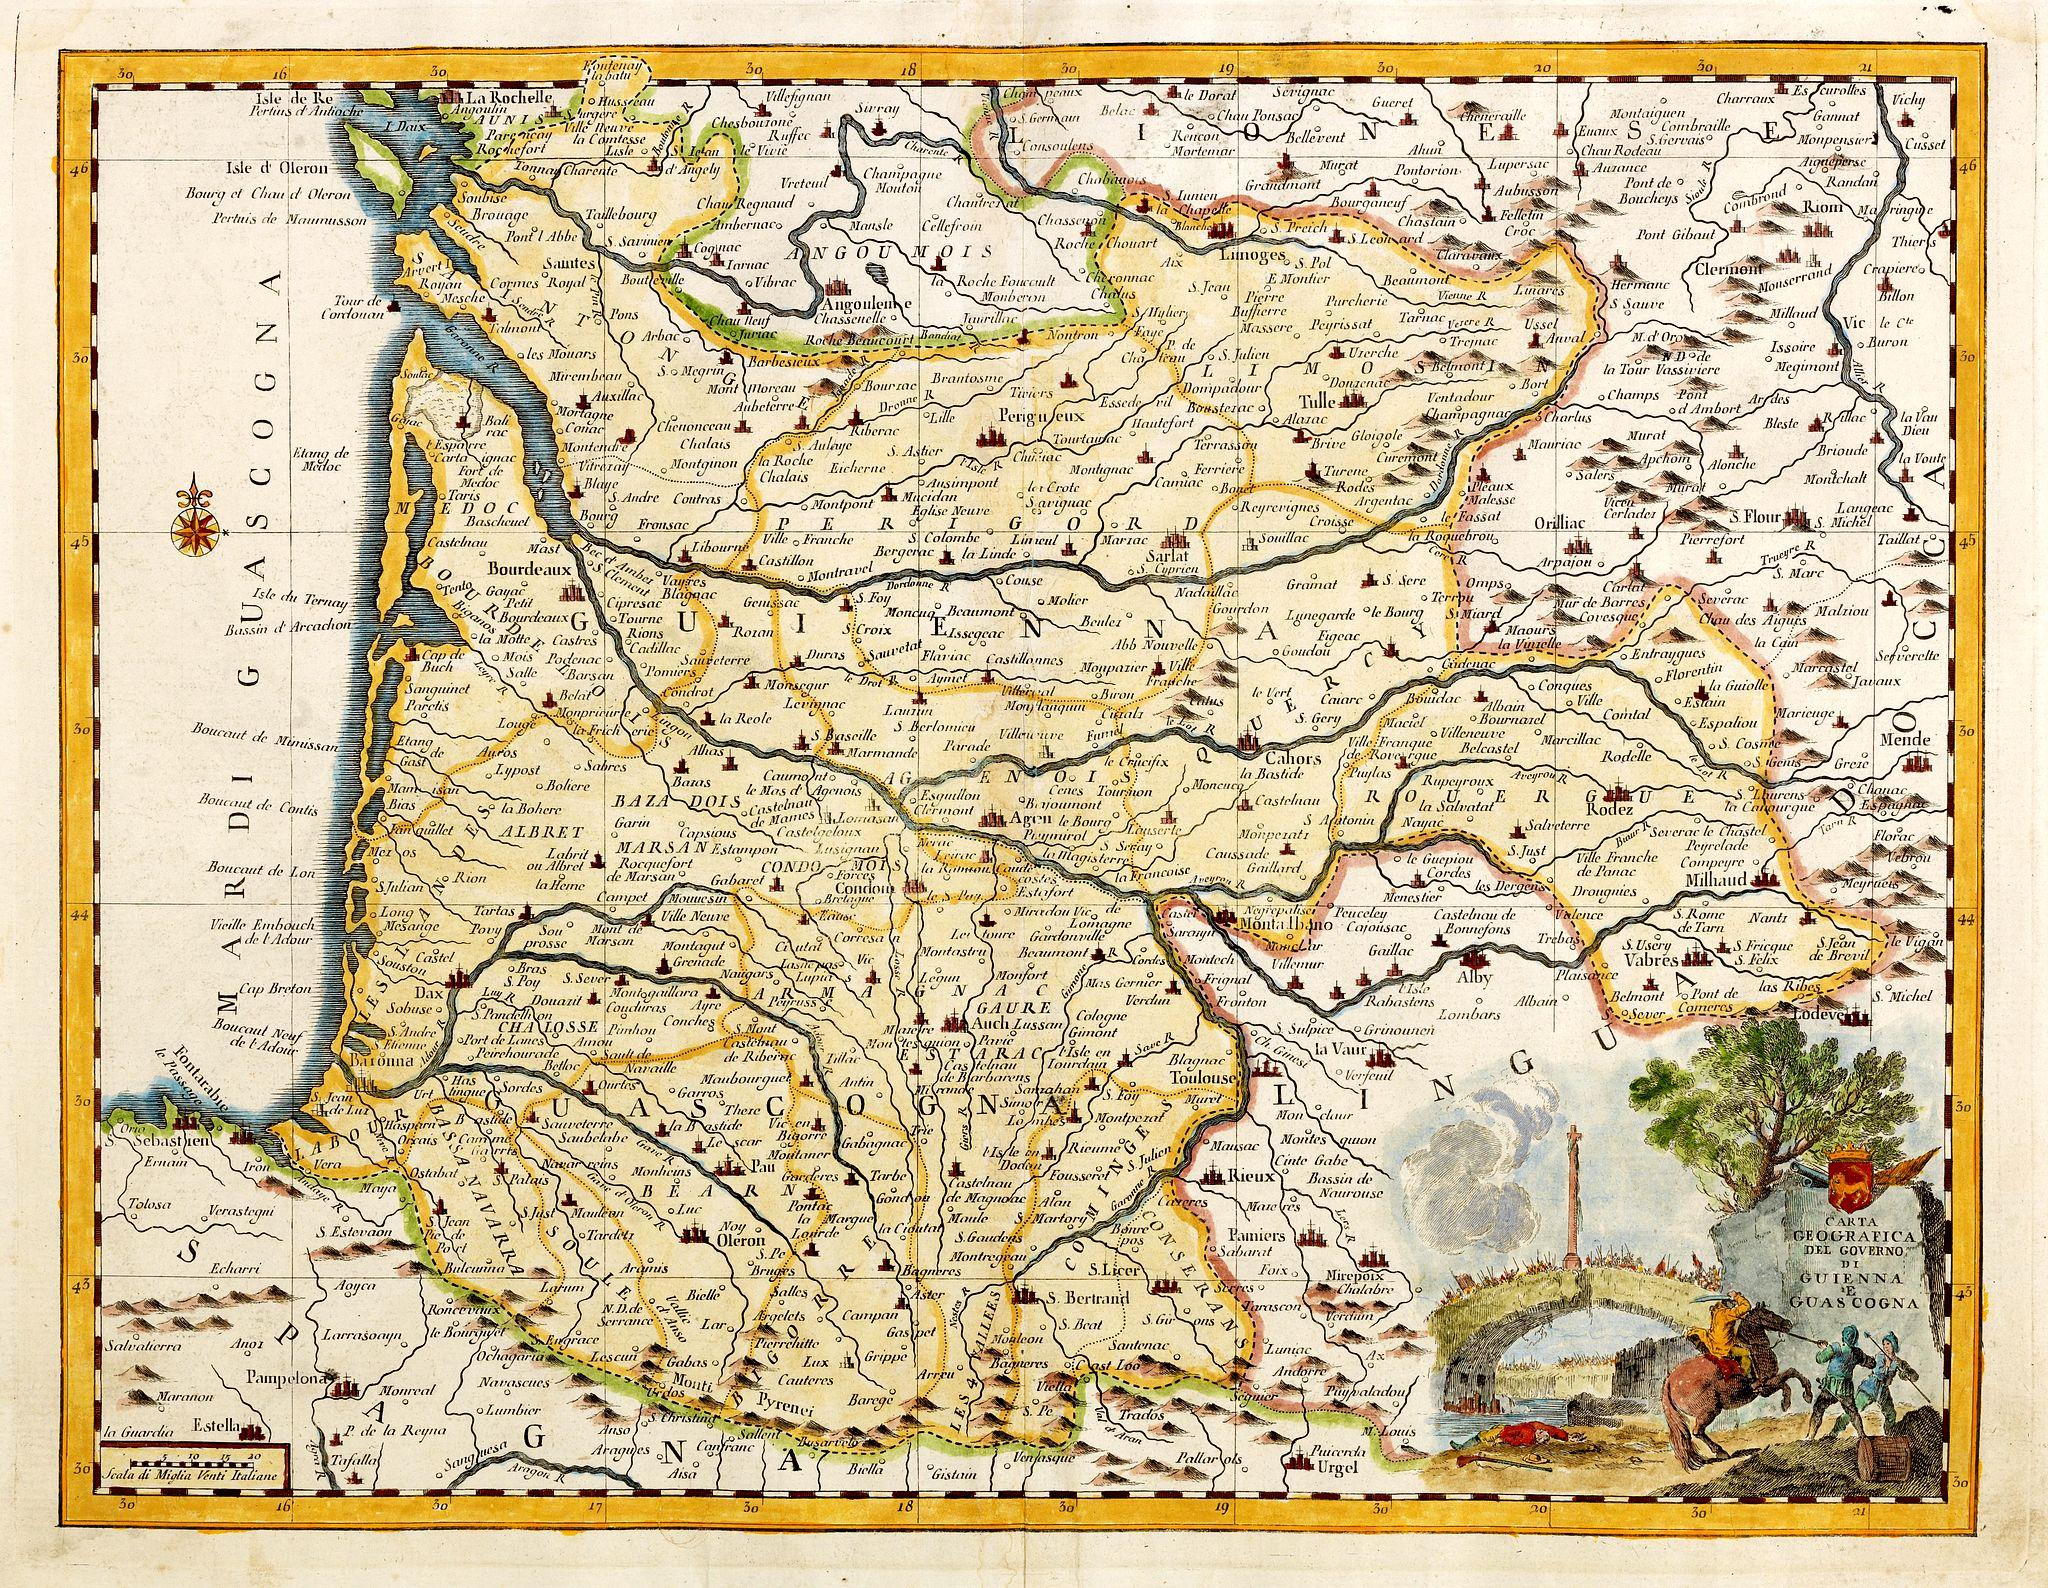 SALMON, Th. / ALBRIZZI, G. B. -  Carta geografica del governo di Guienna e Guascogna.